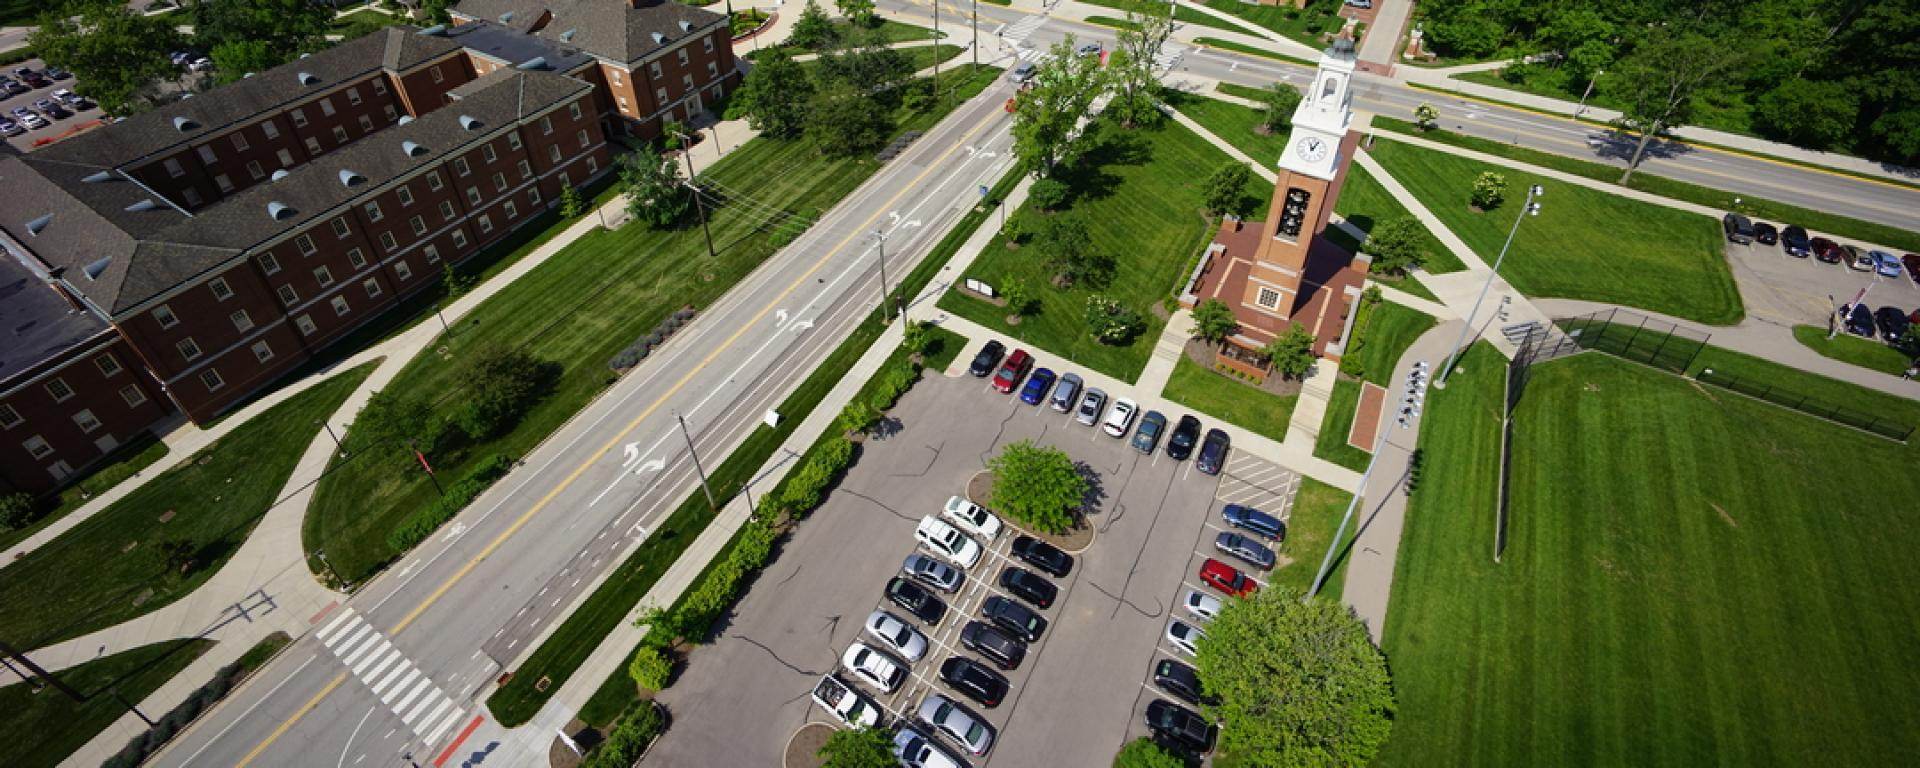 Aerial view of Miami University Gateways